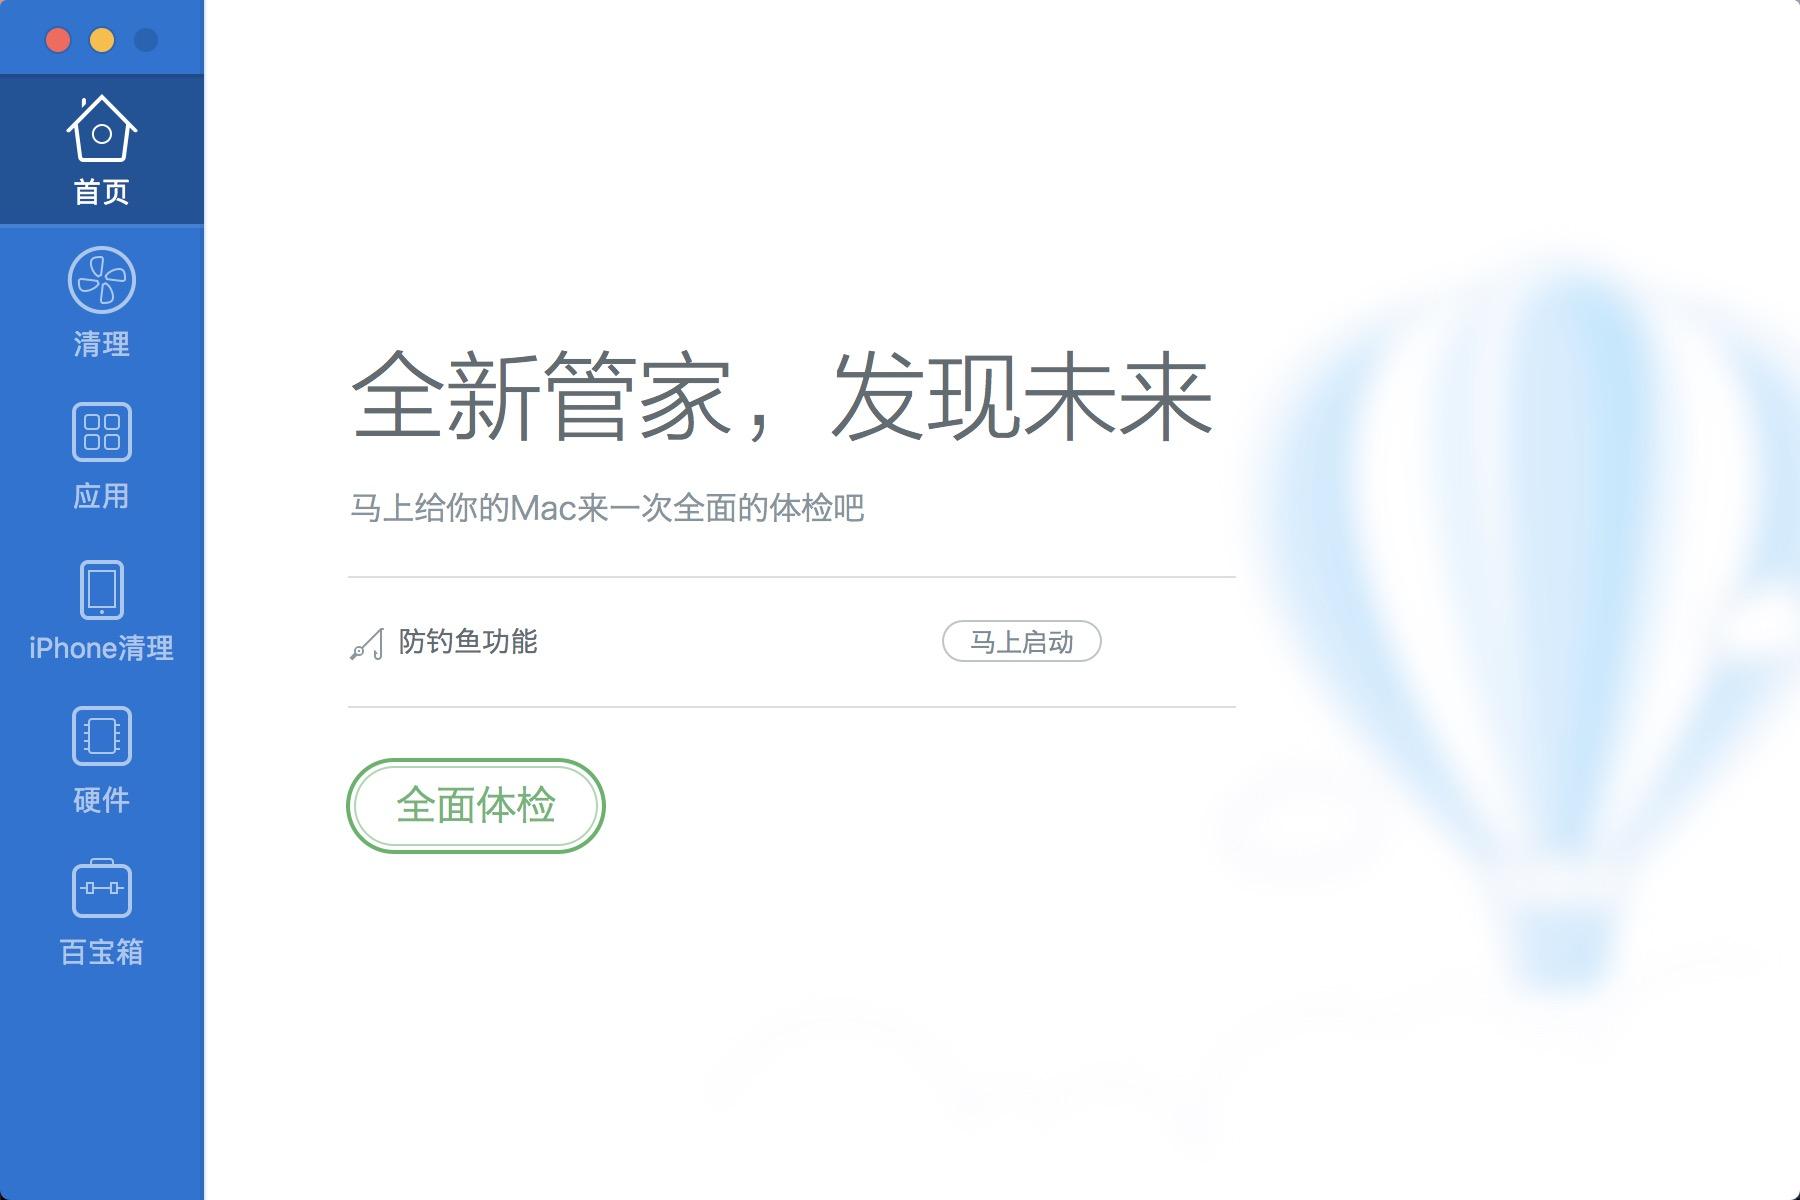 QQ 安全管家.jpg